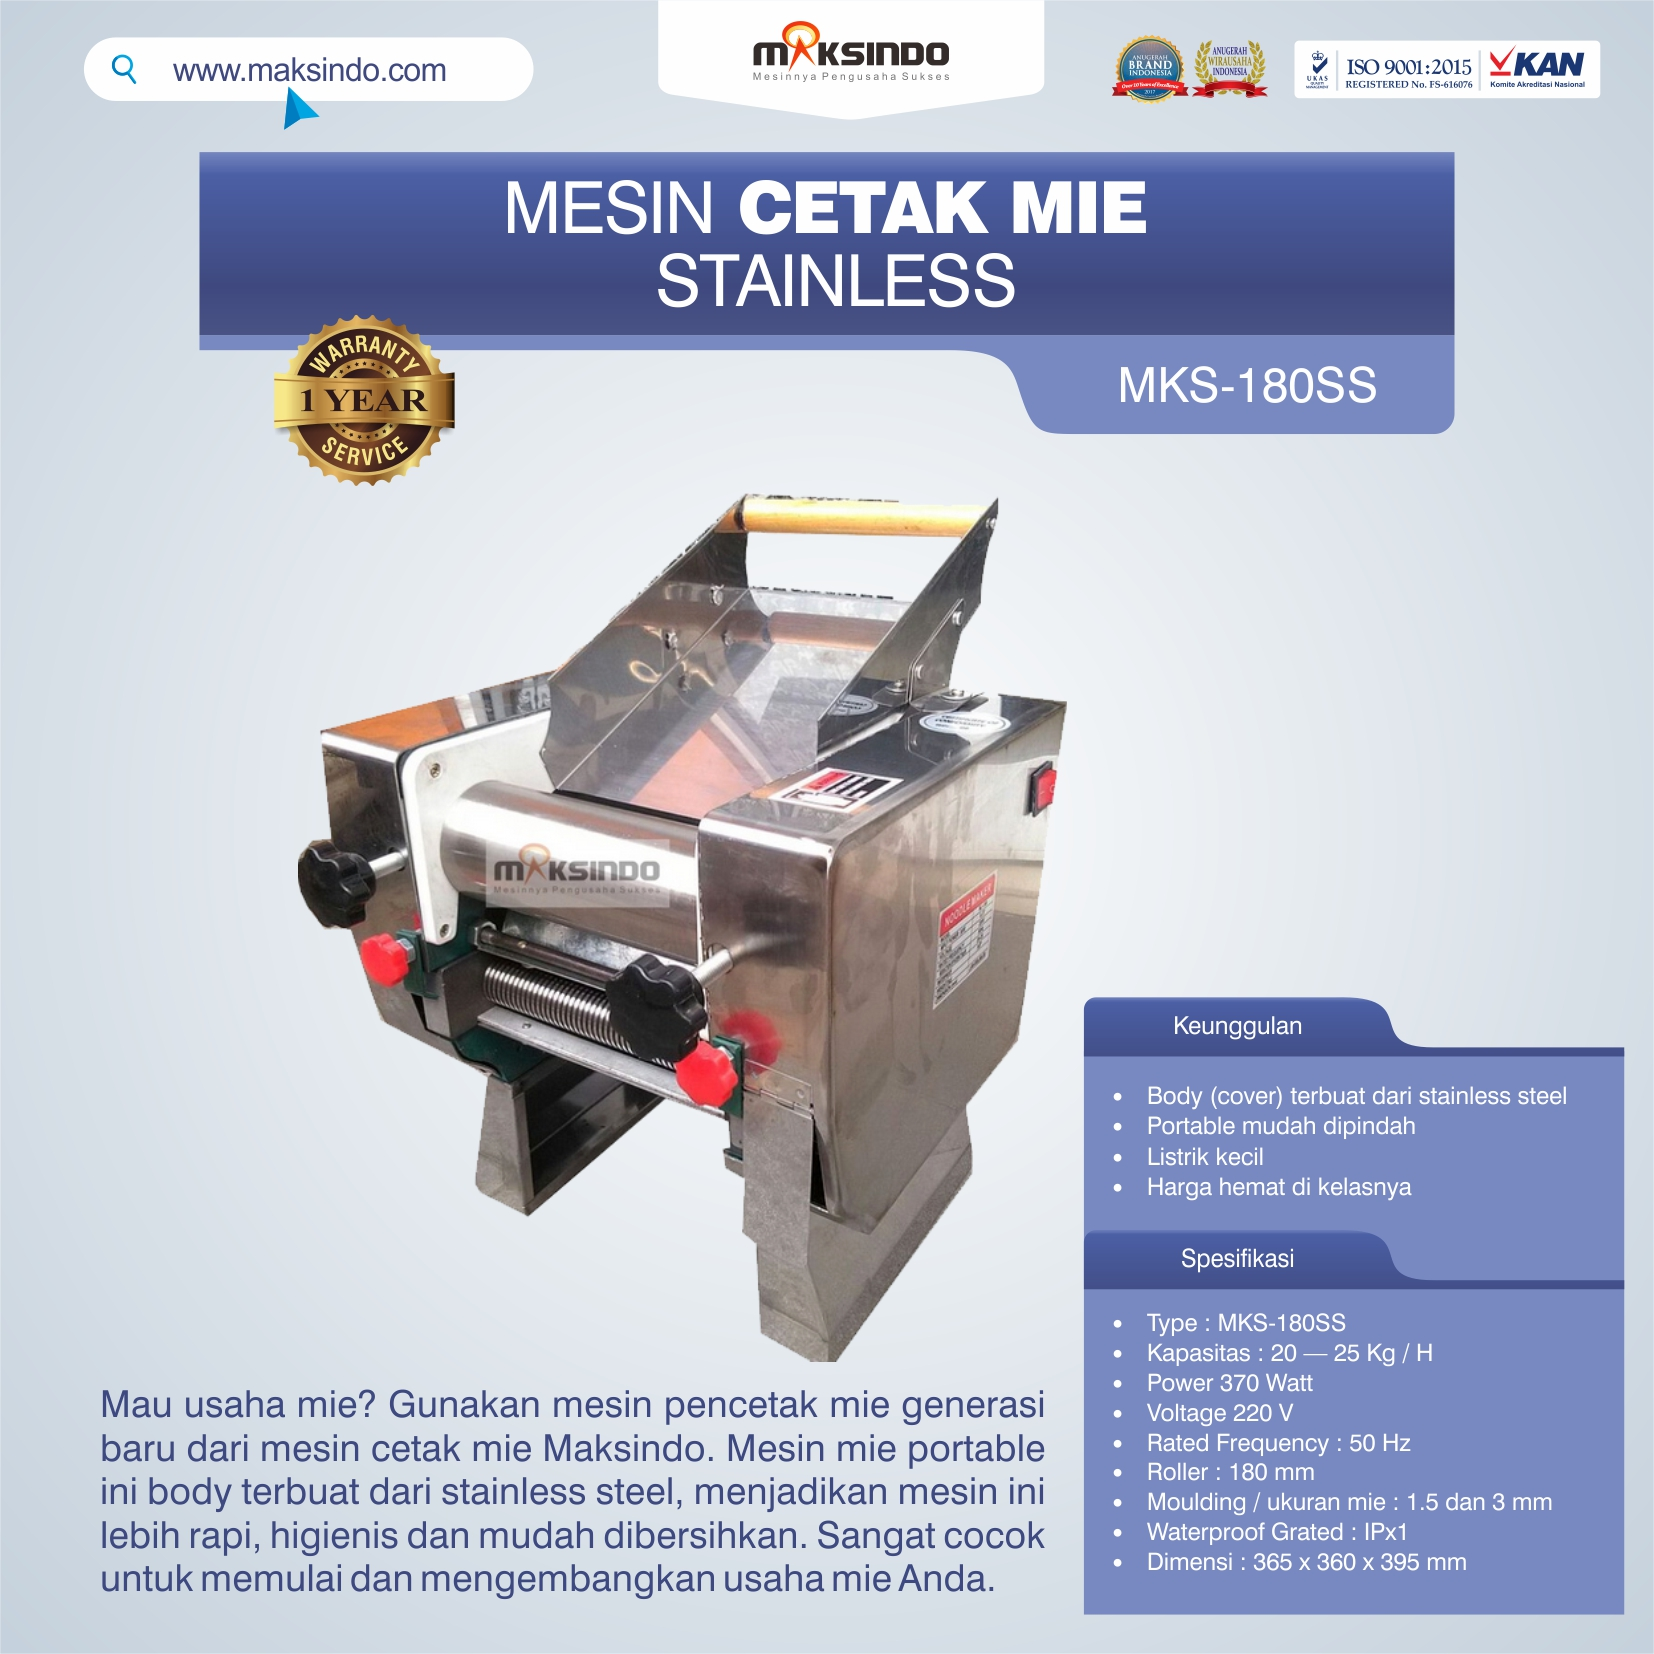 Jual Mesin Cetak Mie Stainless (MKS-180SS) di Blitar